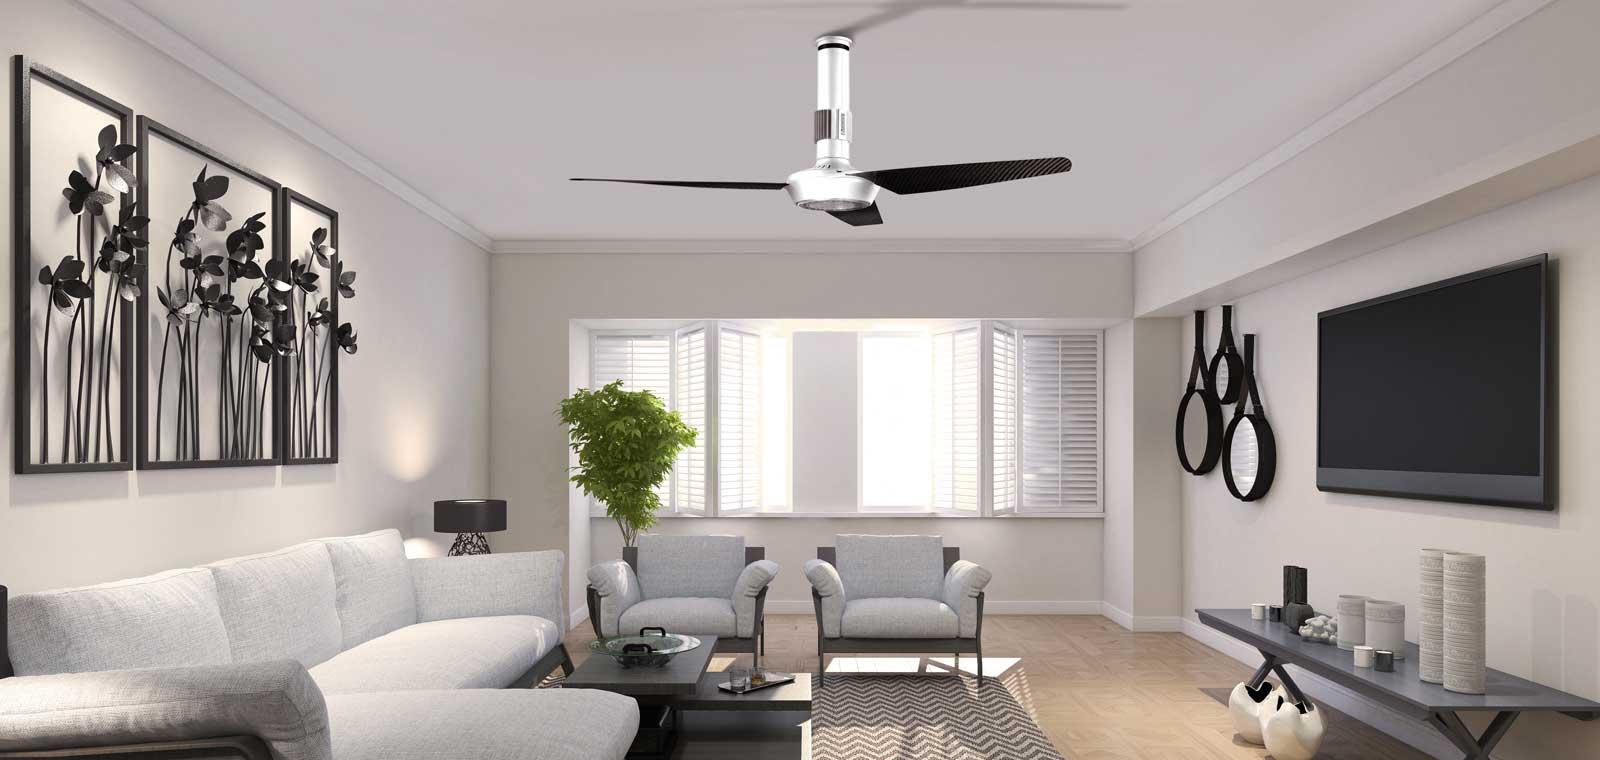 Ventilatori da soffitto integrati con il lampadario per - Ventilatore da soffitto design ...